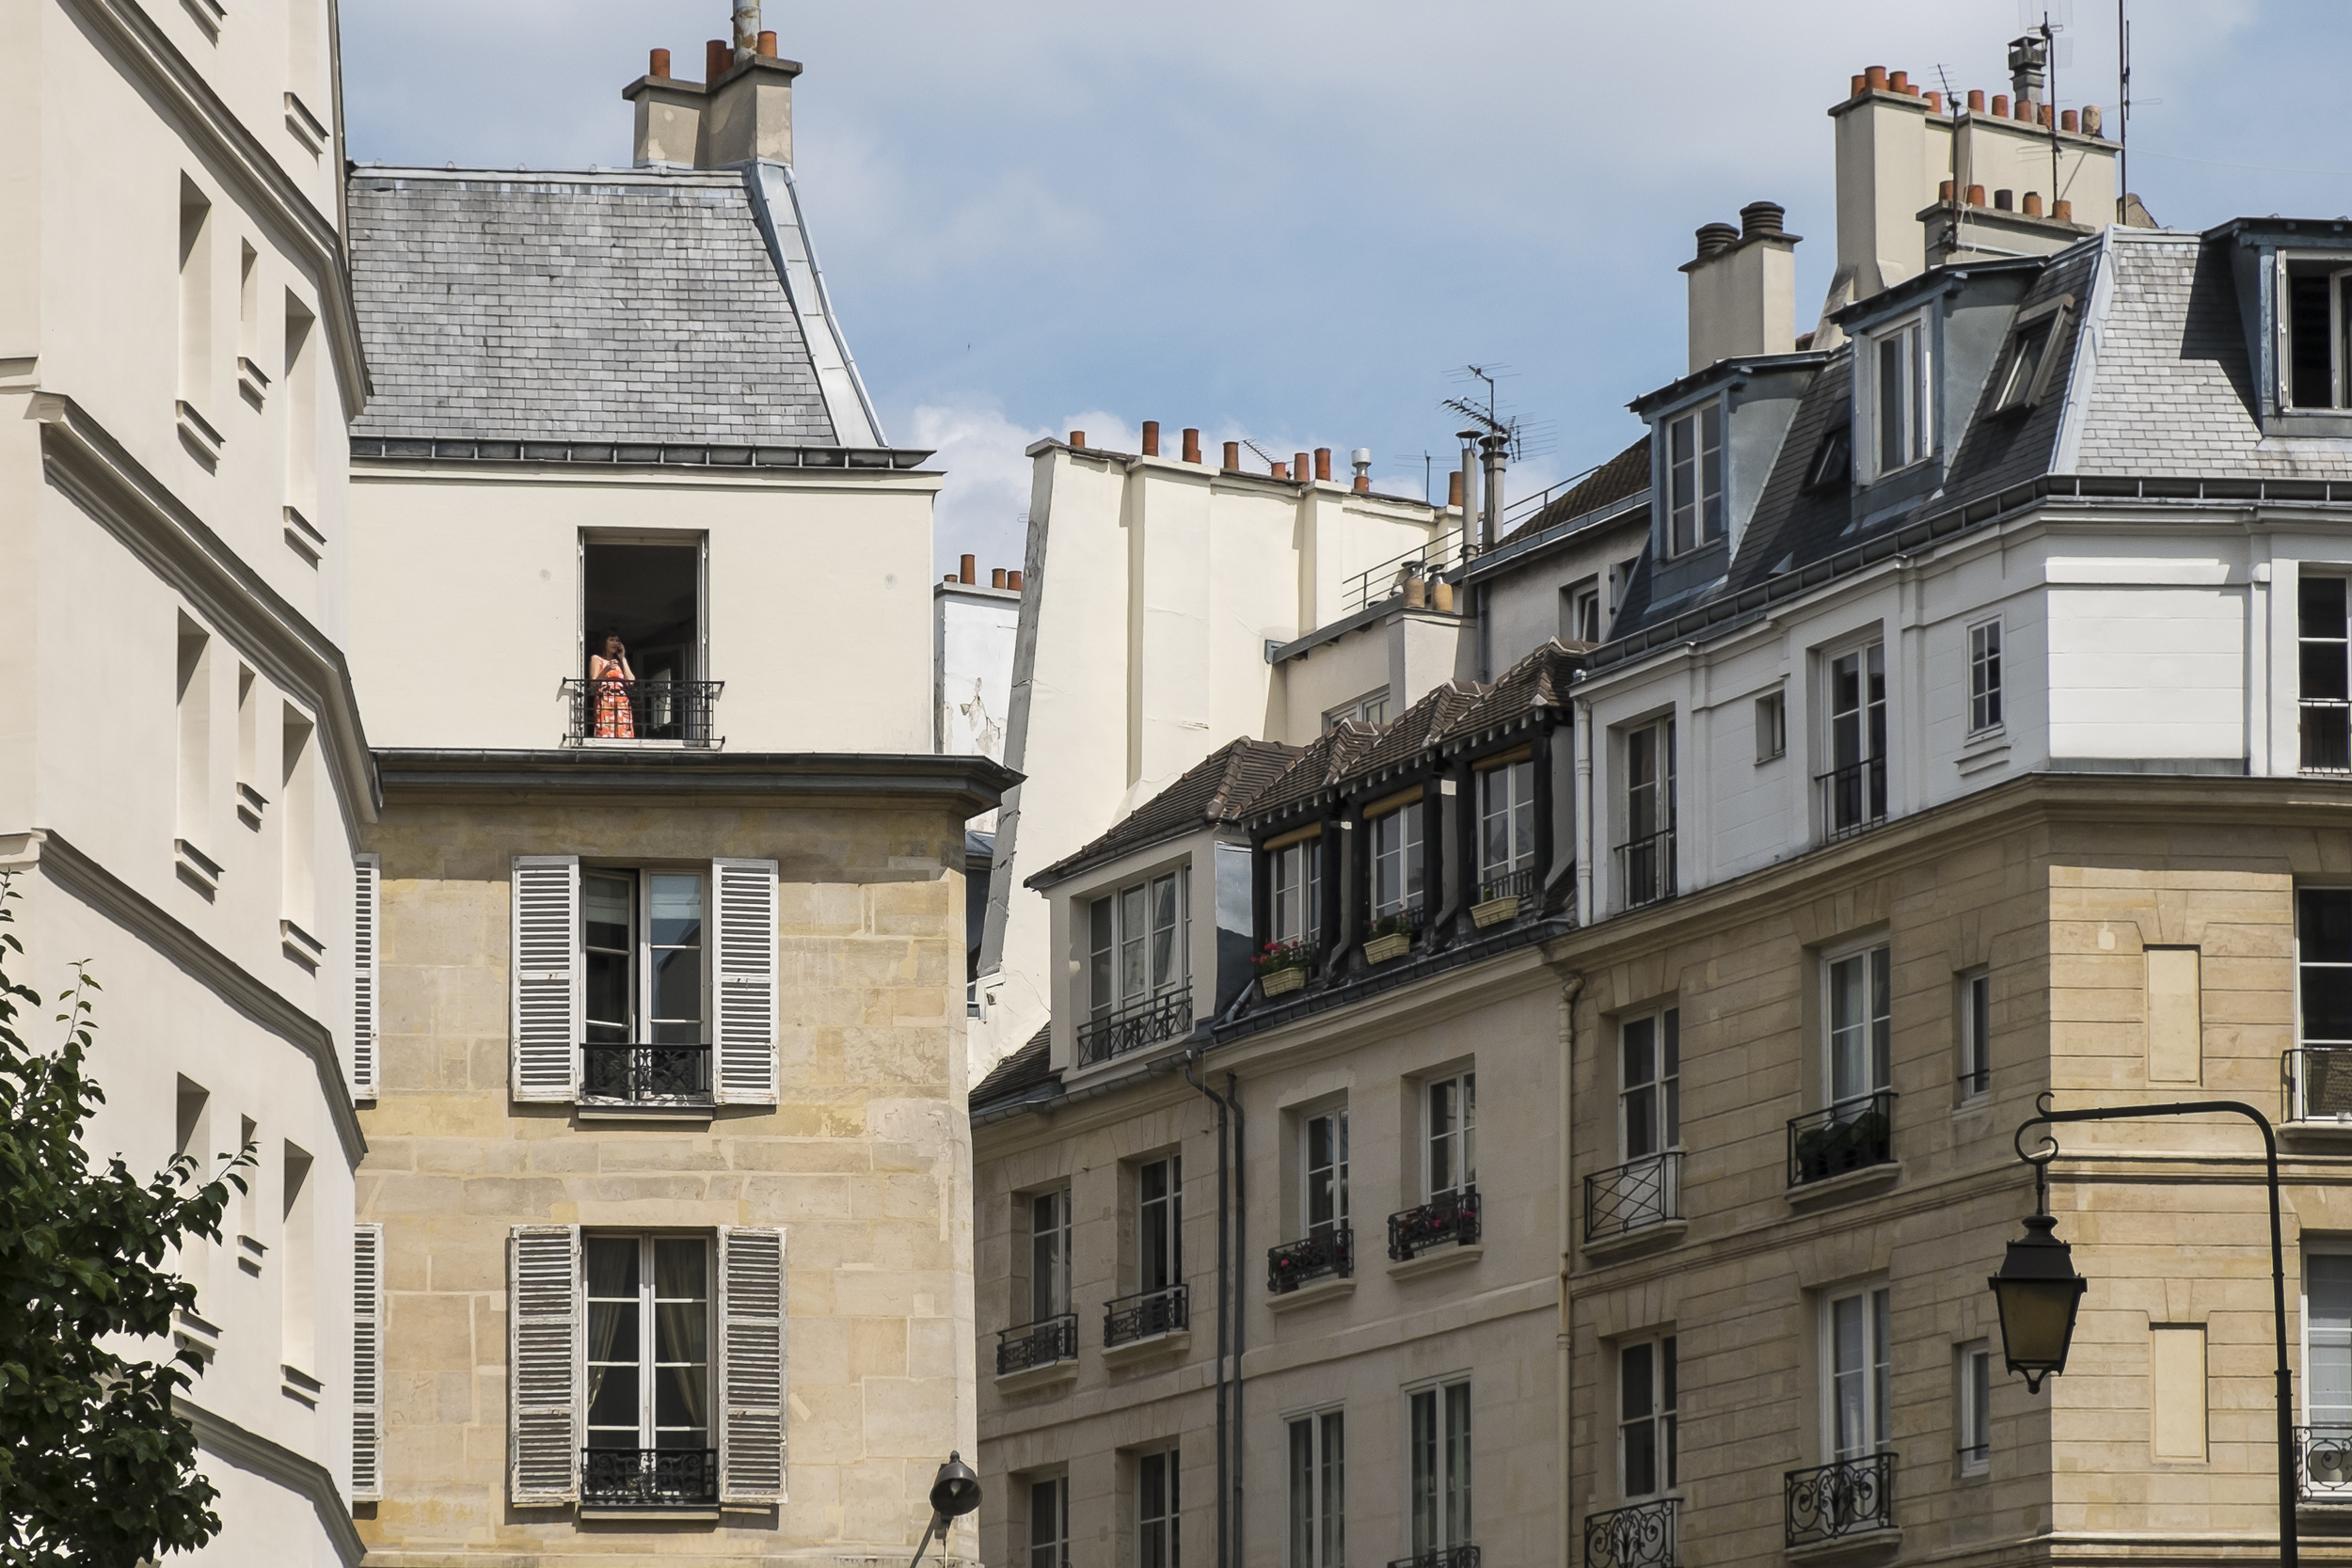 Paris-WomanInWindow-20130706-DSCF3422.jpg